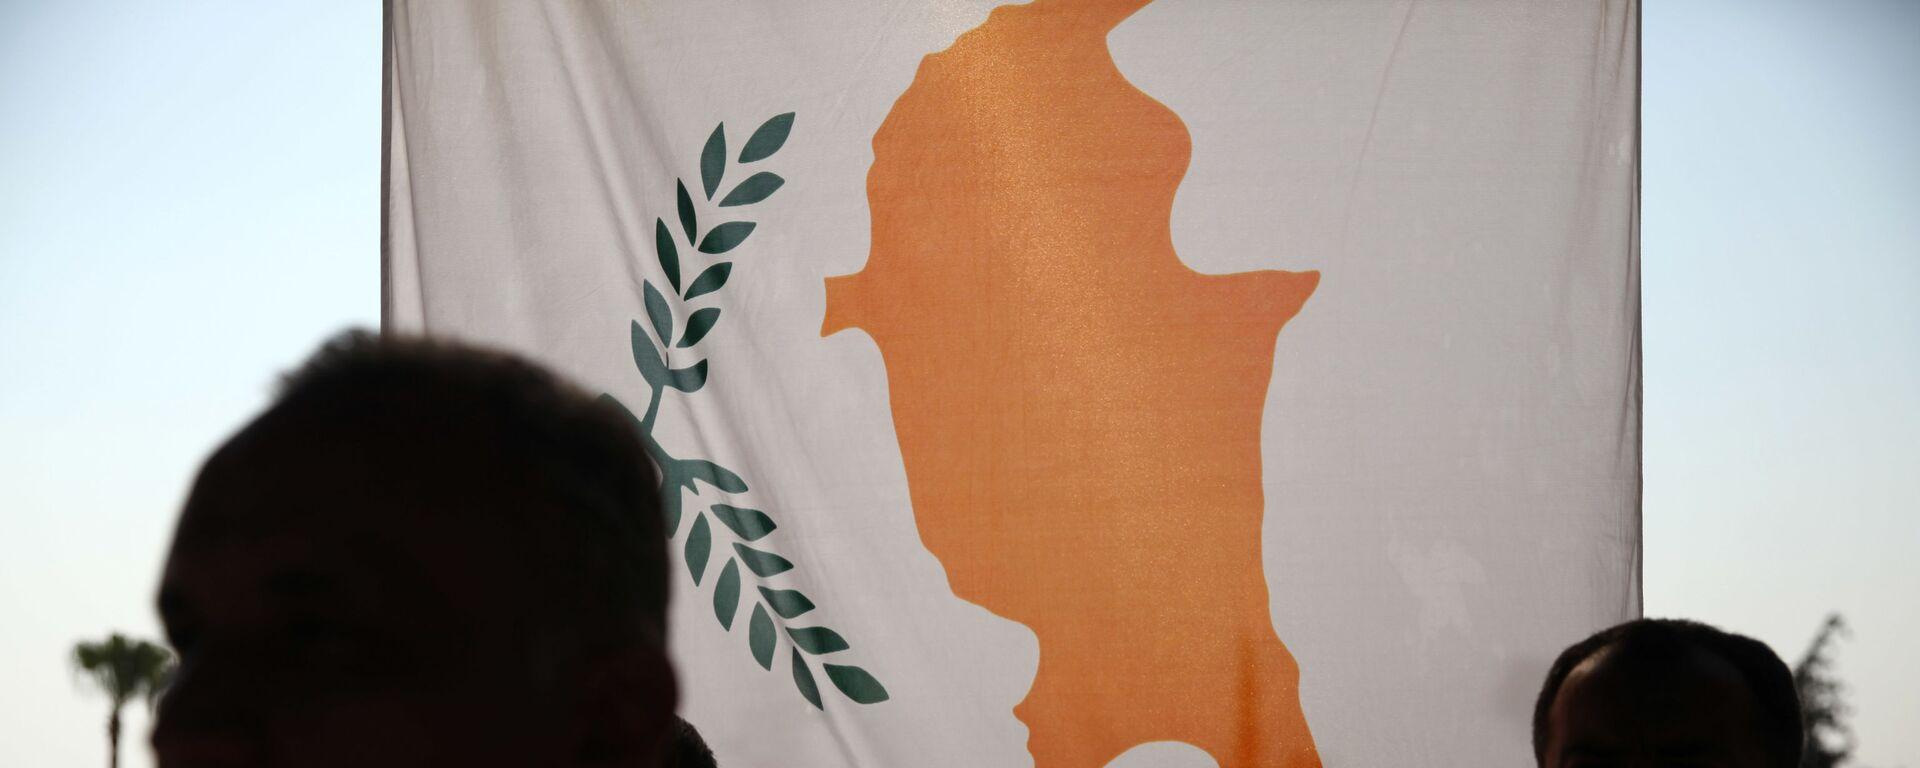 Σημαία της Κύπρου. - Sputnik Ελλάδα, 1920, 01.10.2021